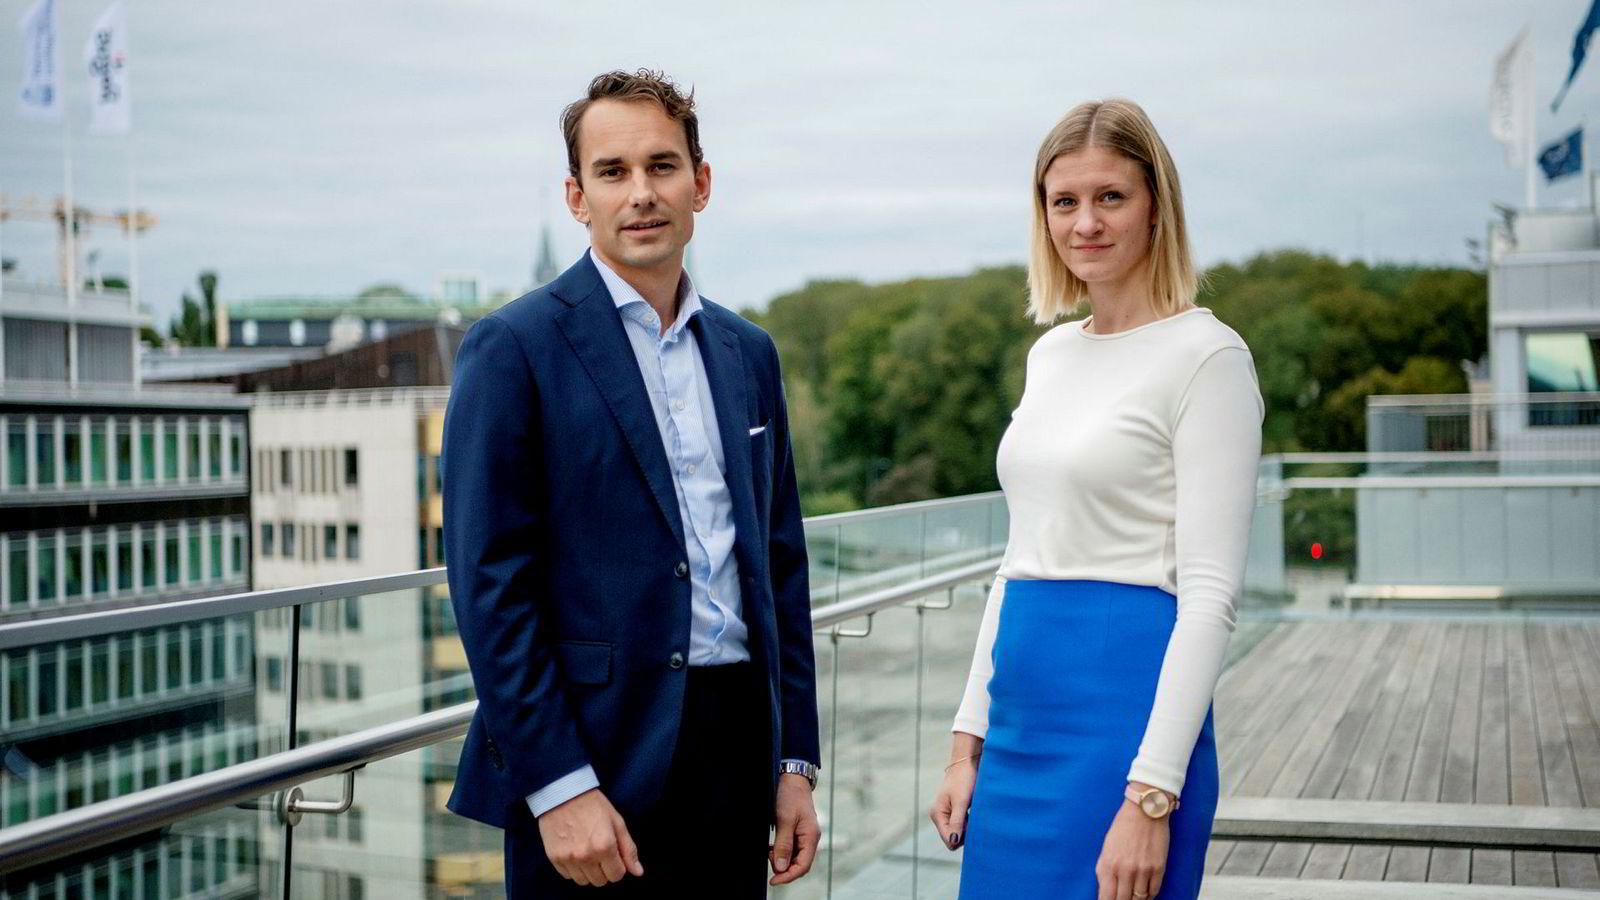 Sunniva L. Bjørnstad og Erlend Basmo Ellingsen, 31 og 32 år gamle, er to av tre som har ledet det største kjøpet noensinne på norsk sokkel.